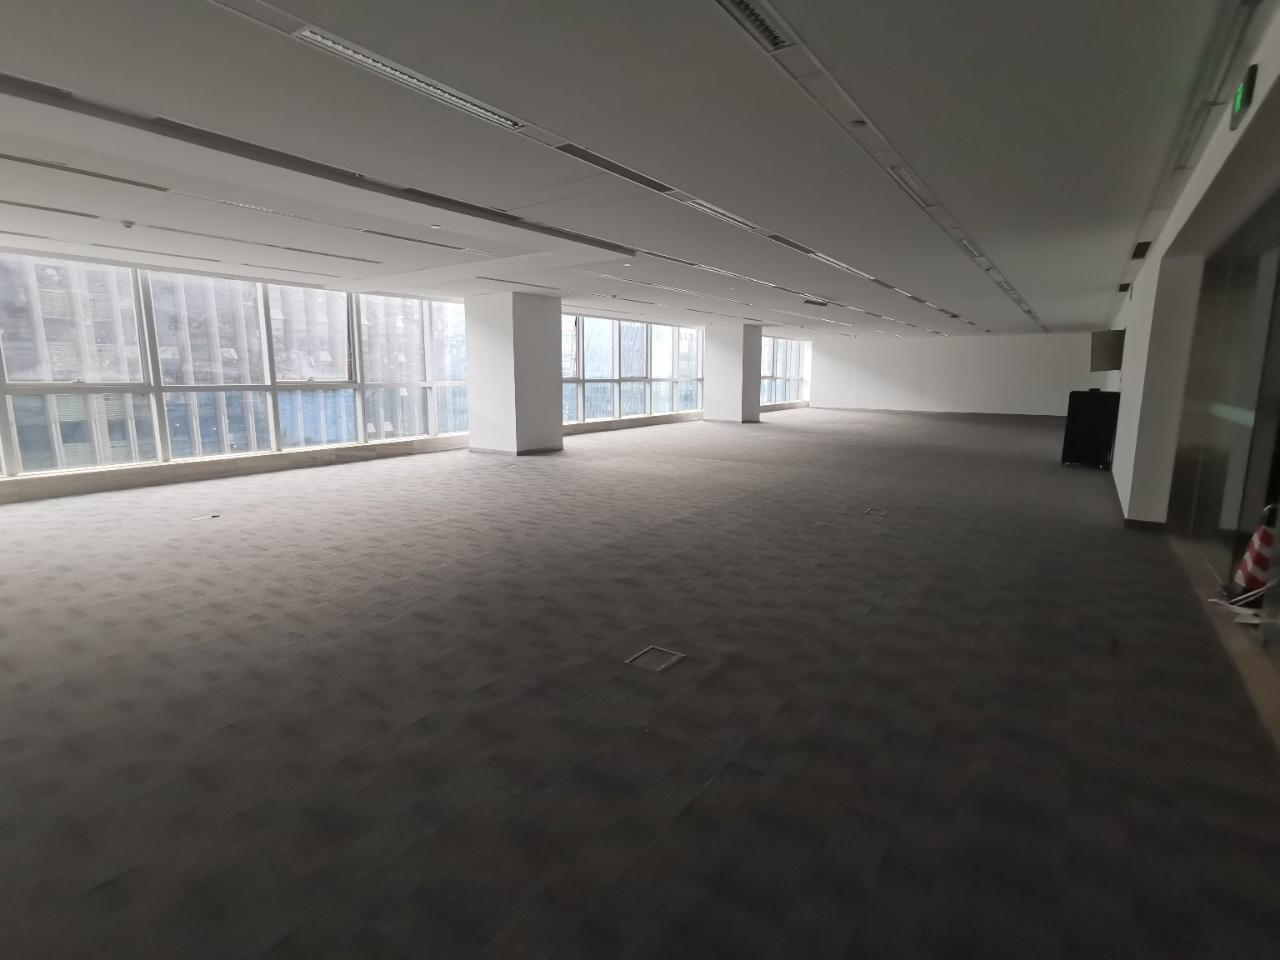 希顿国际广场2200平米 部分装修,都有天地墙,添加隔断工位即可入驻